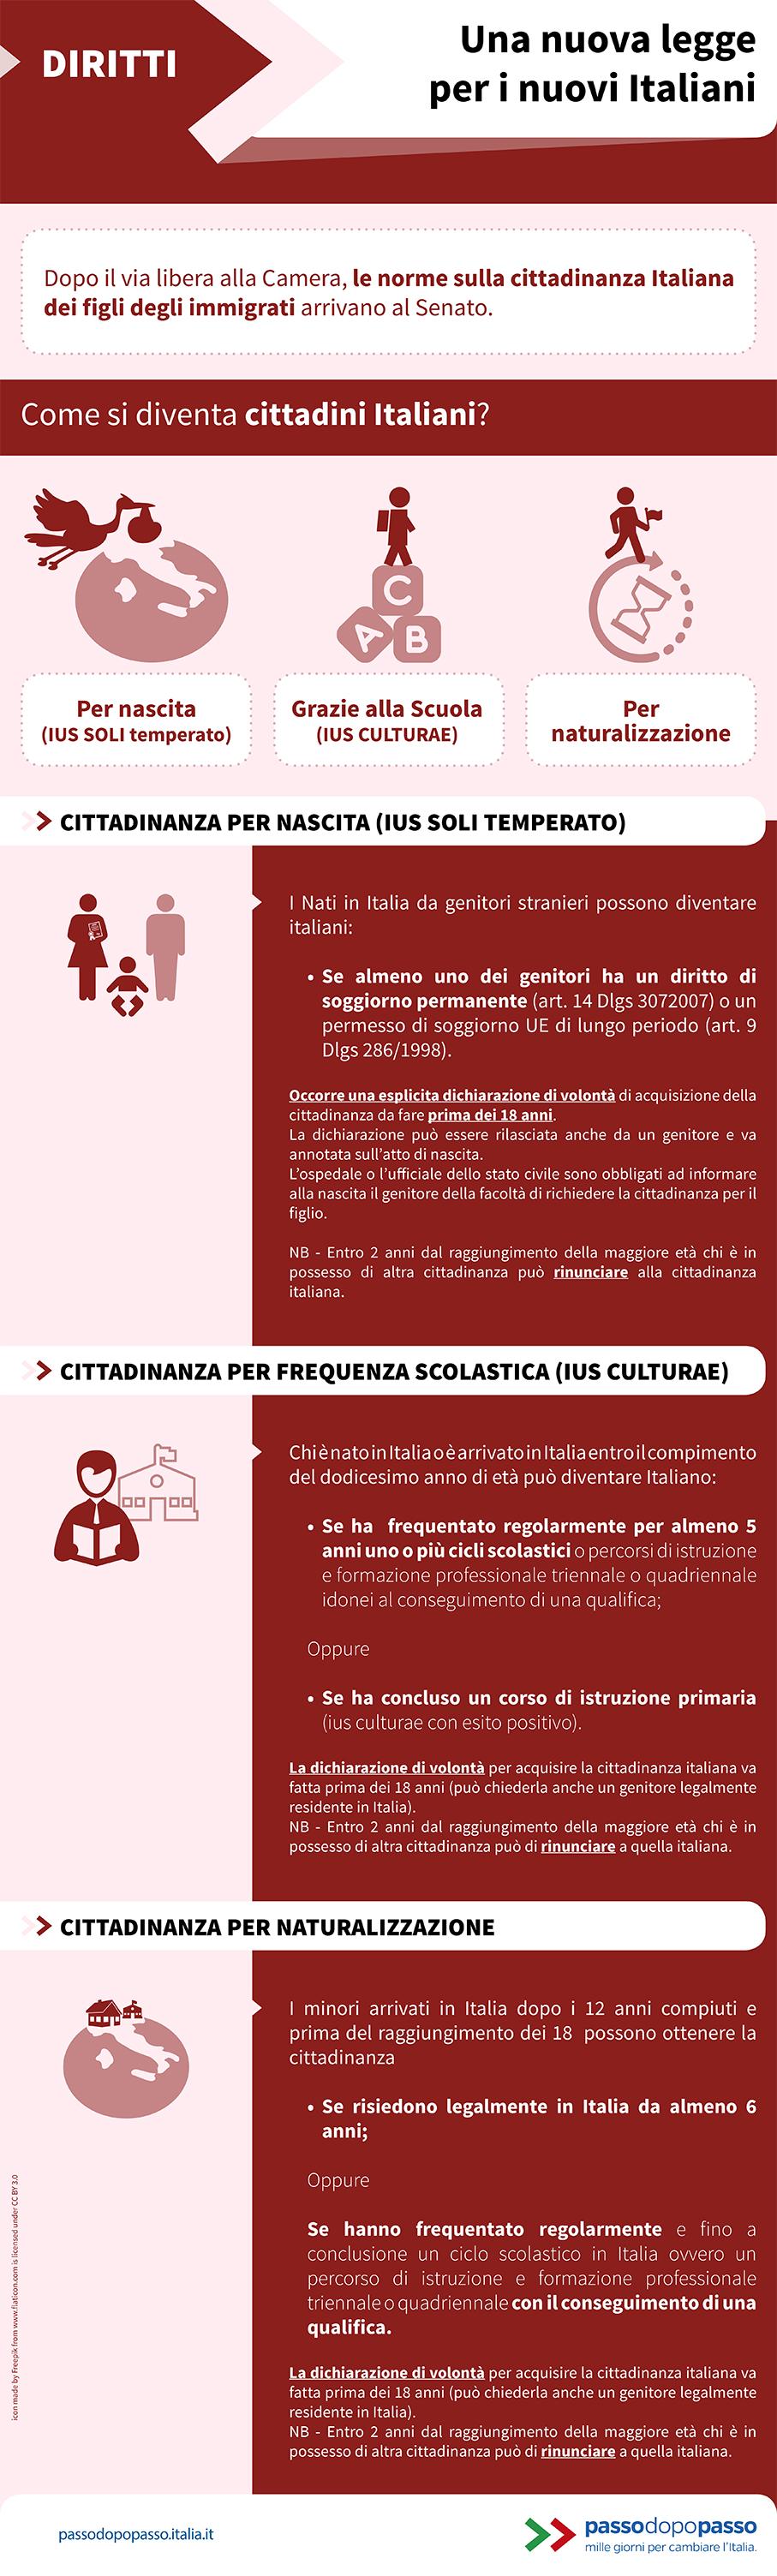 Infografica: Una nuova legge per i nuovi italiani